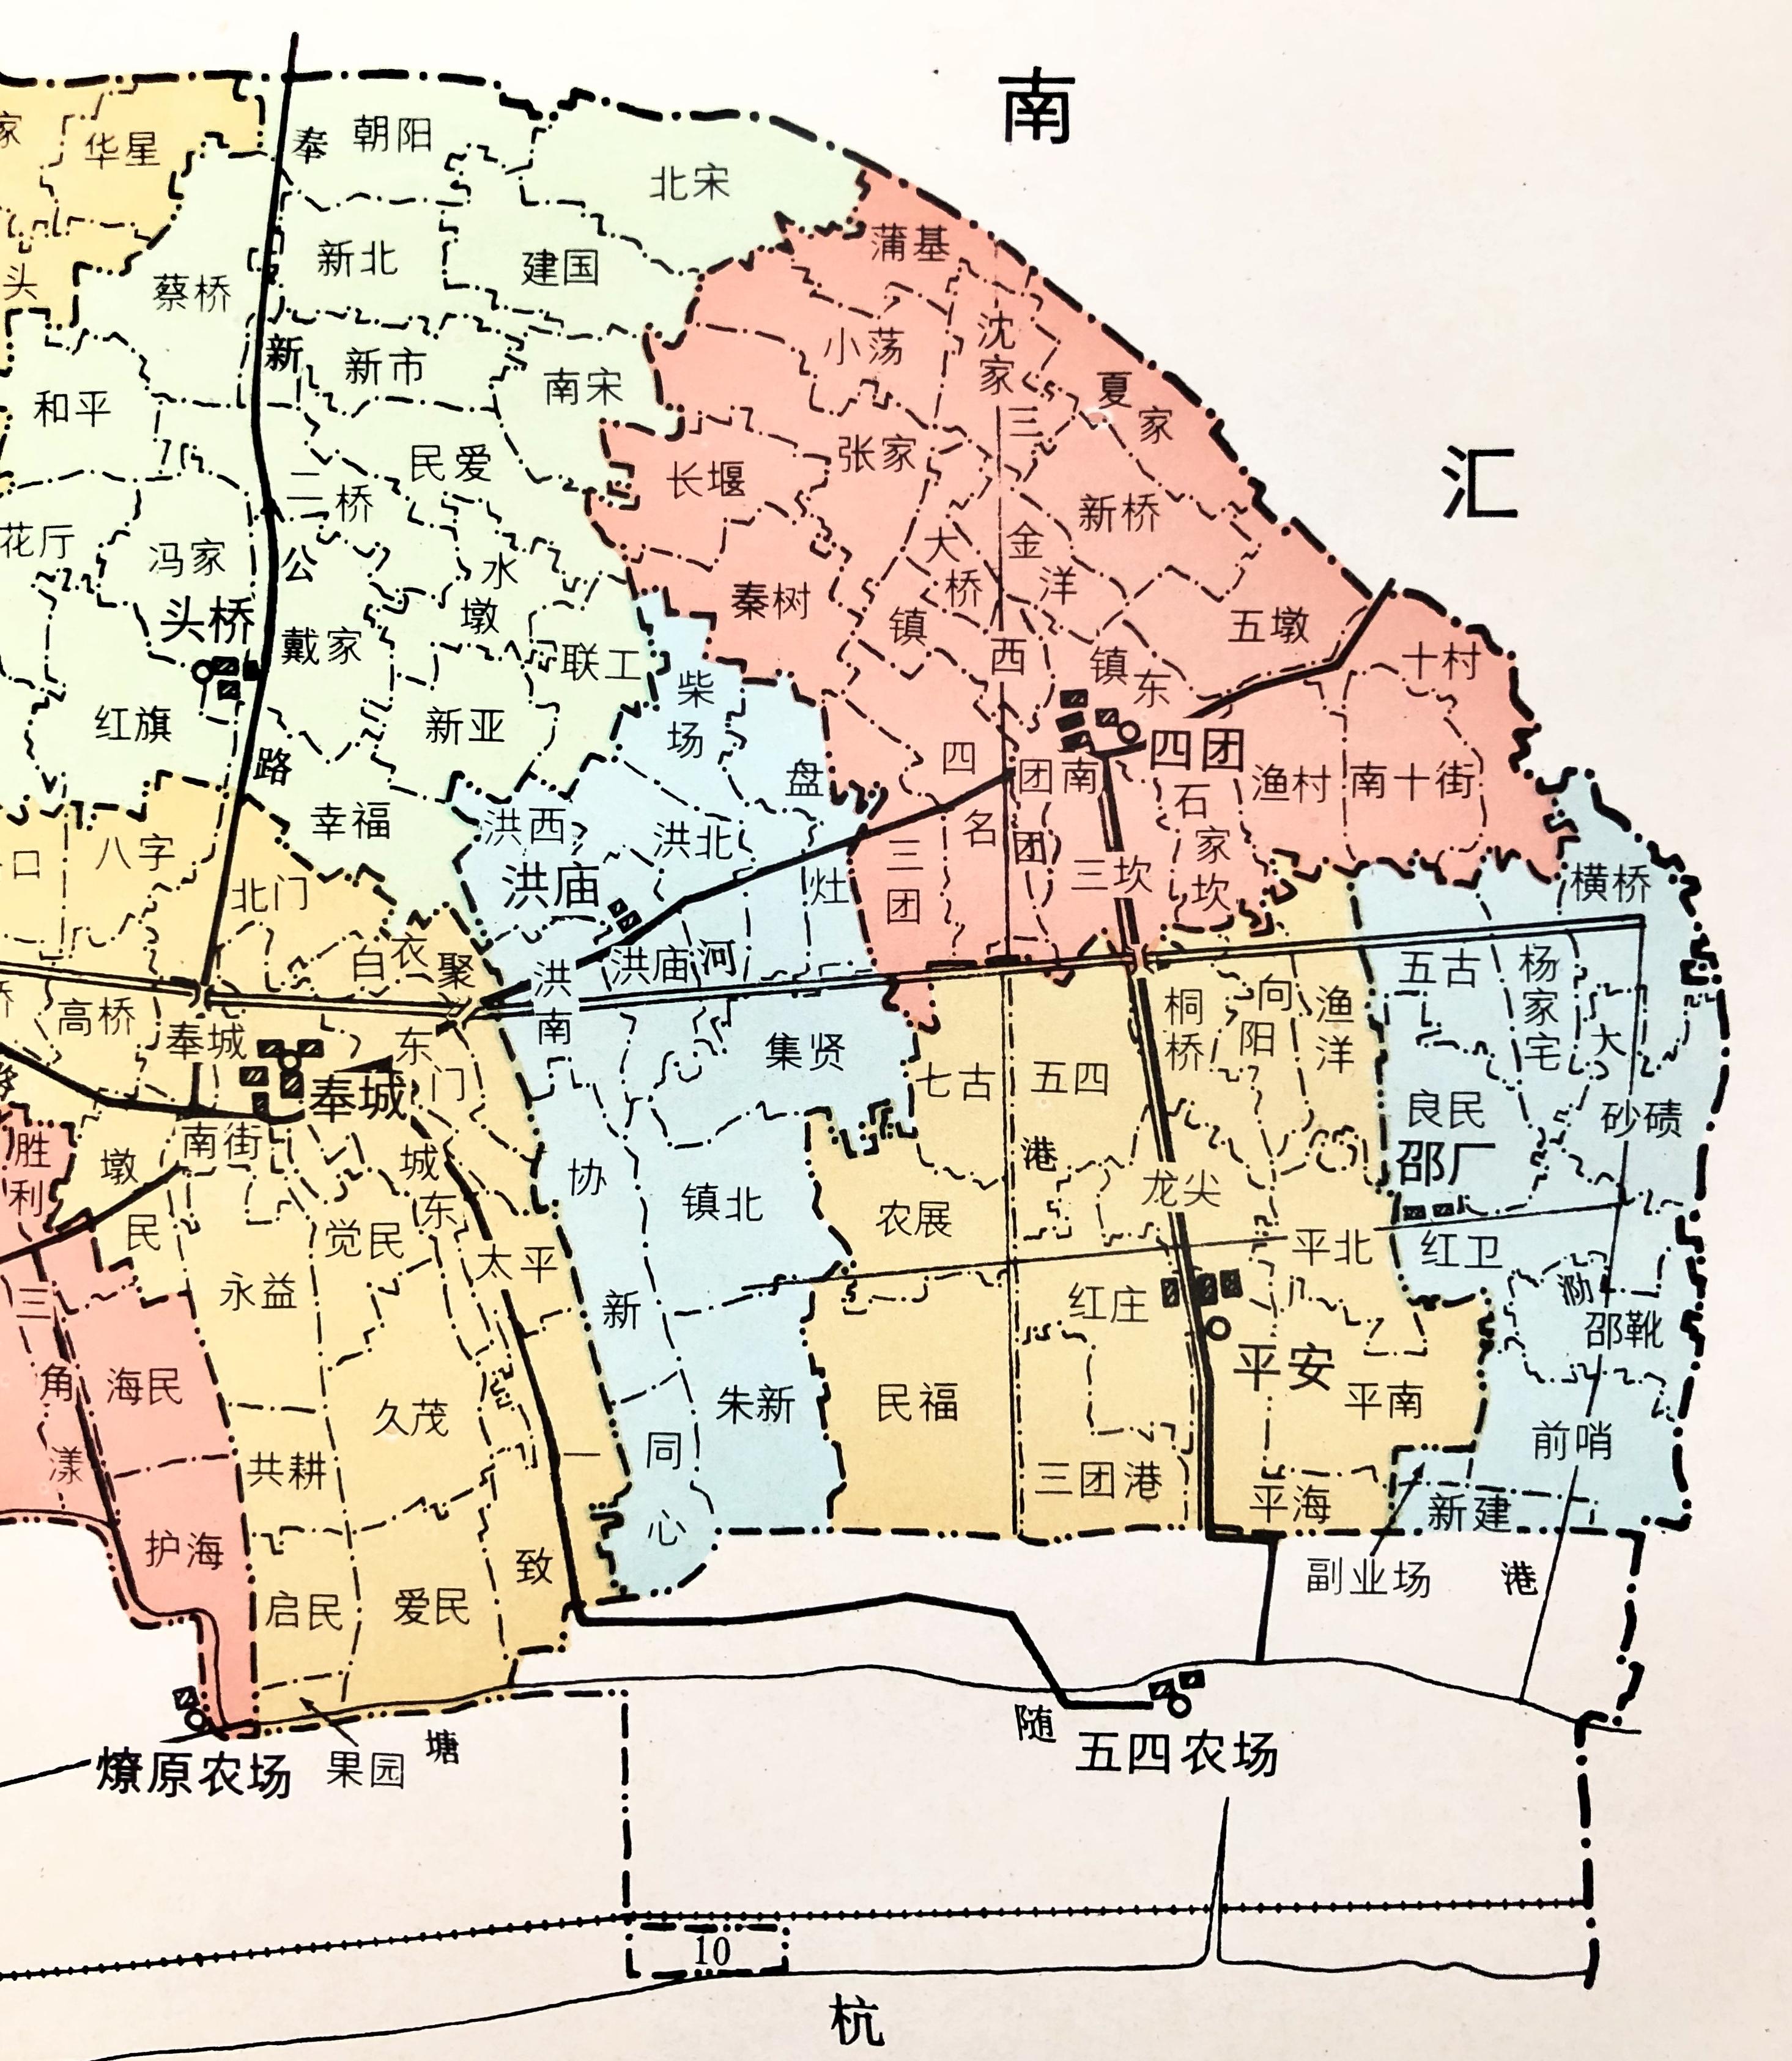 五四村、五四农场(地图来自奉贤县志)本文图片均由作者提供